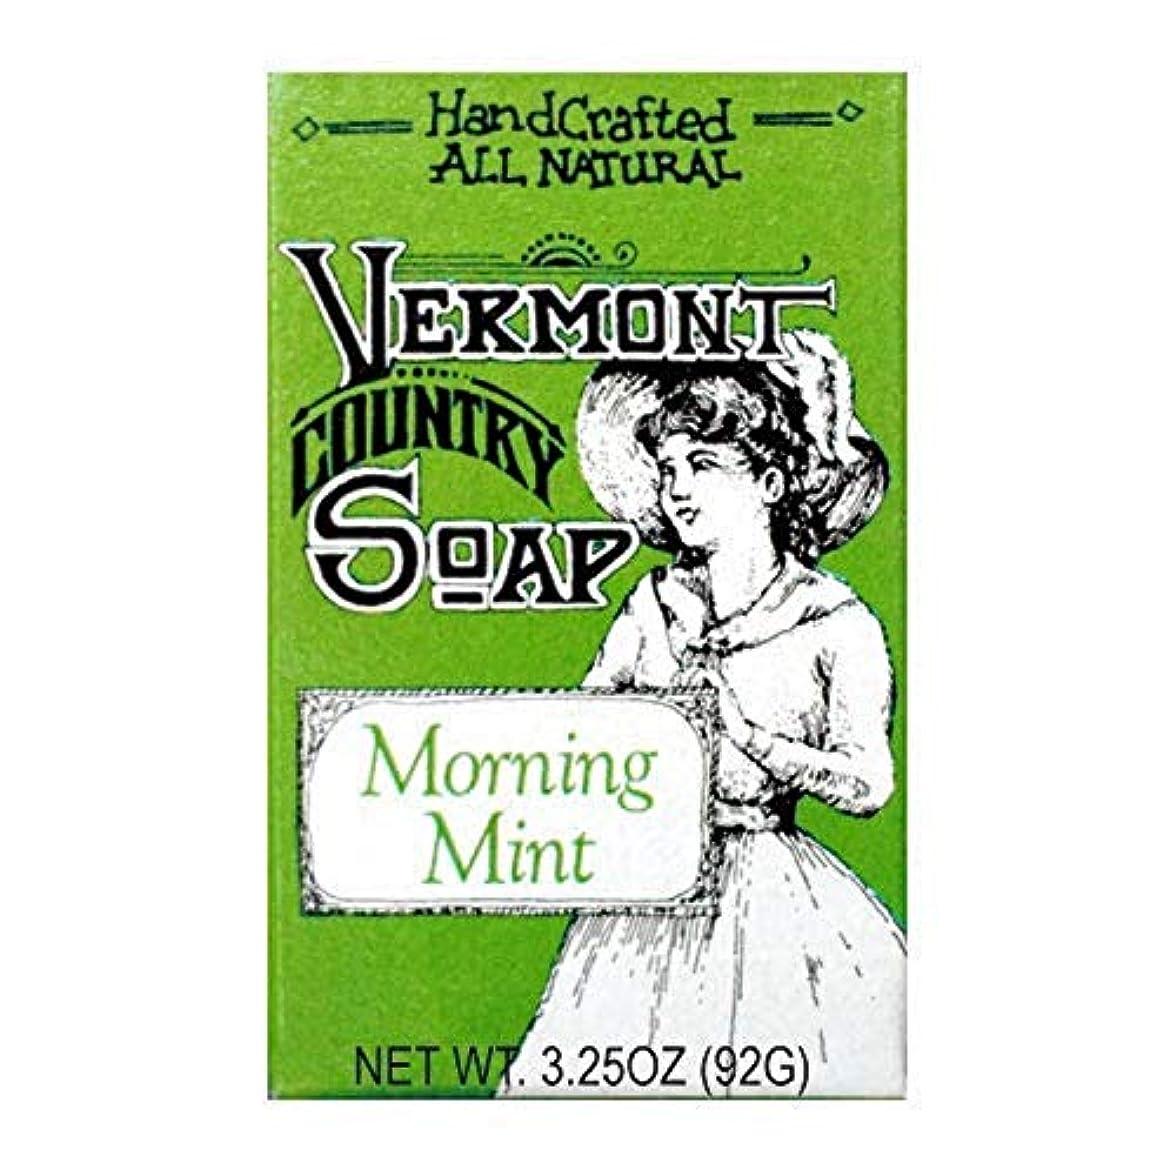 深さ栄光誠意バーモントカントリーソープ (モーニングミント) オーガニック石鹸 洗顔 92g